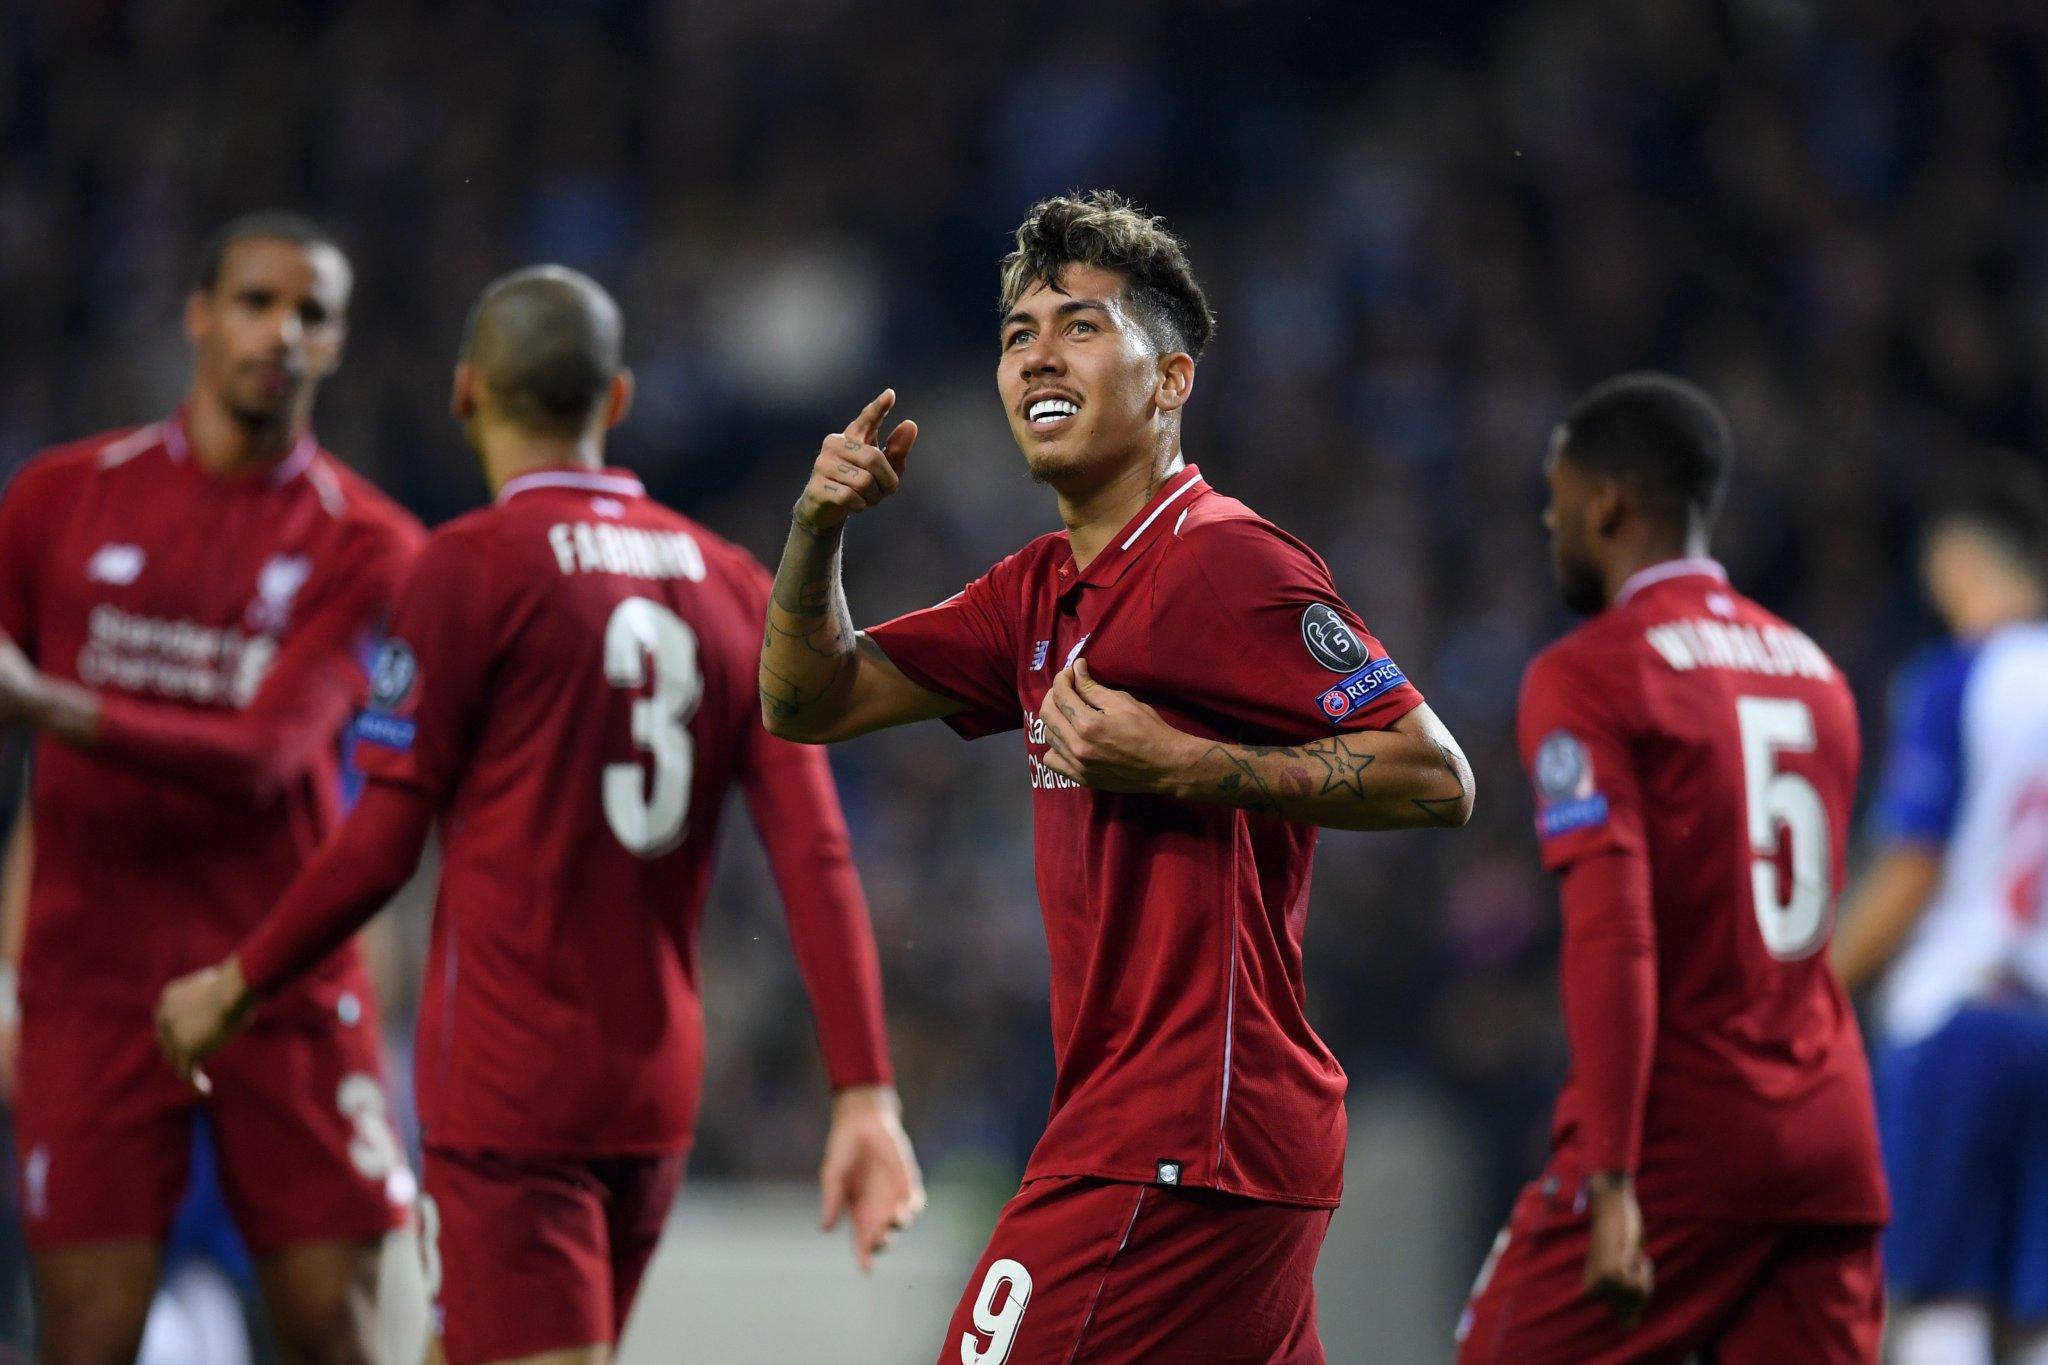 أهداف فوز ليفربول على بورتو -  دوري أبطال أوروبا